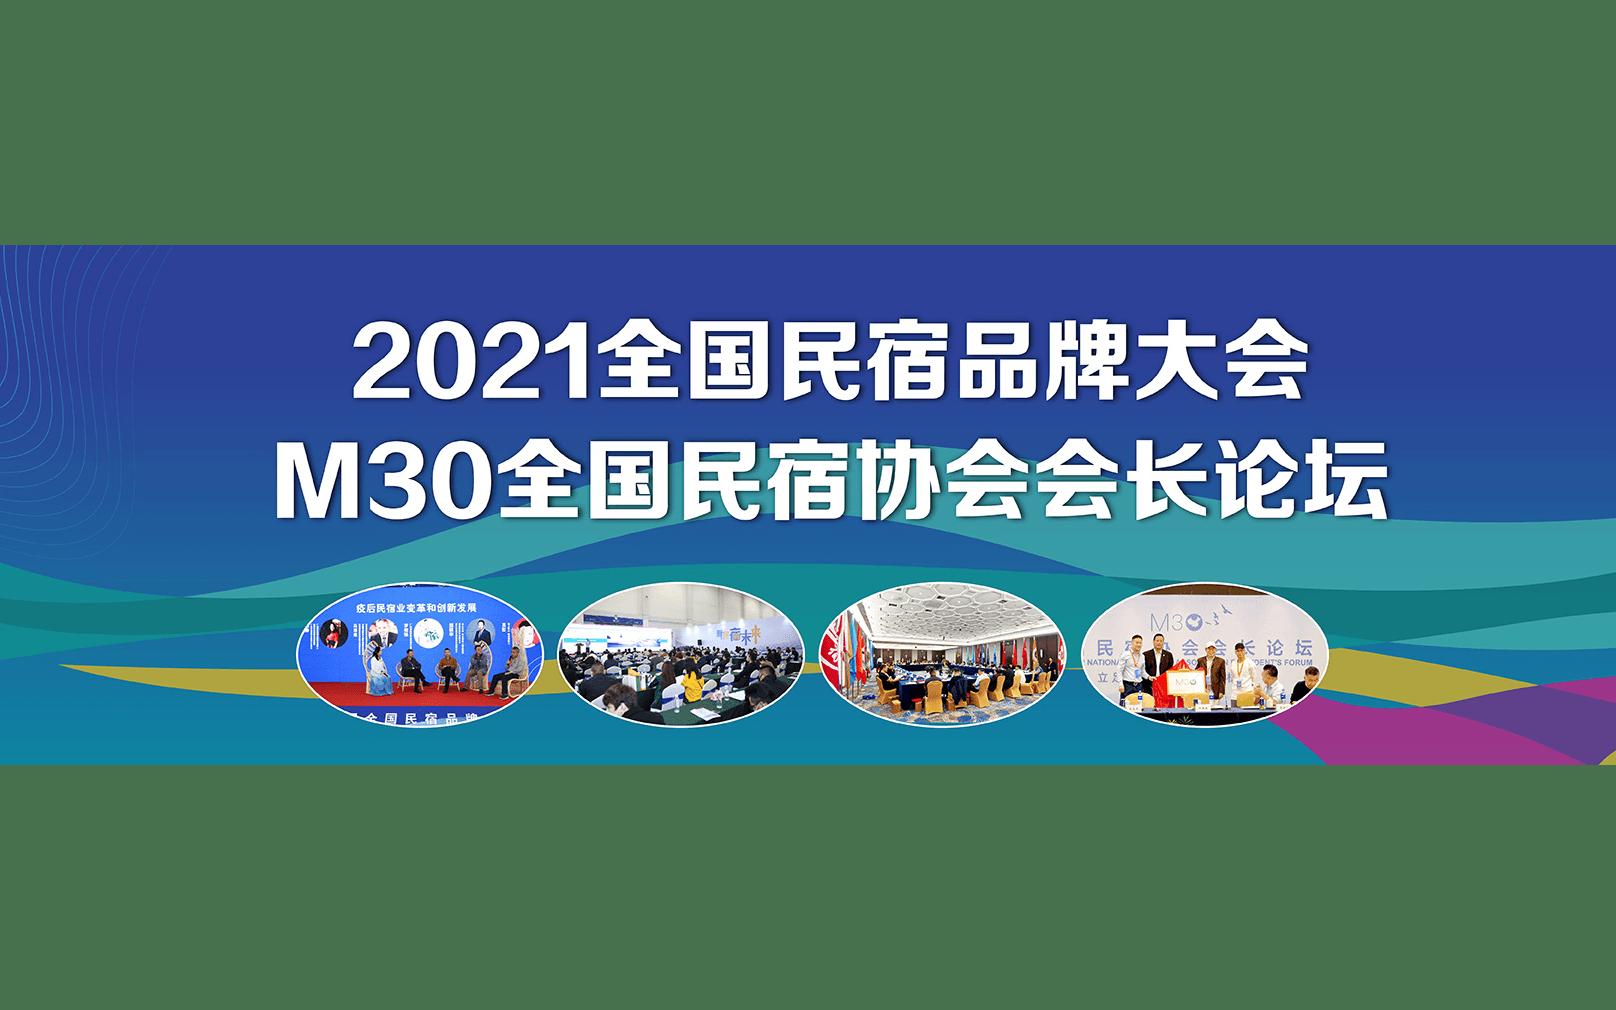 2021第六屆上海國際民宿產業博覽會暨第四屆全國民宿品牌大會